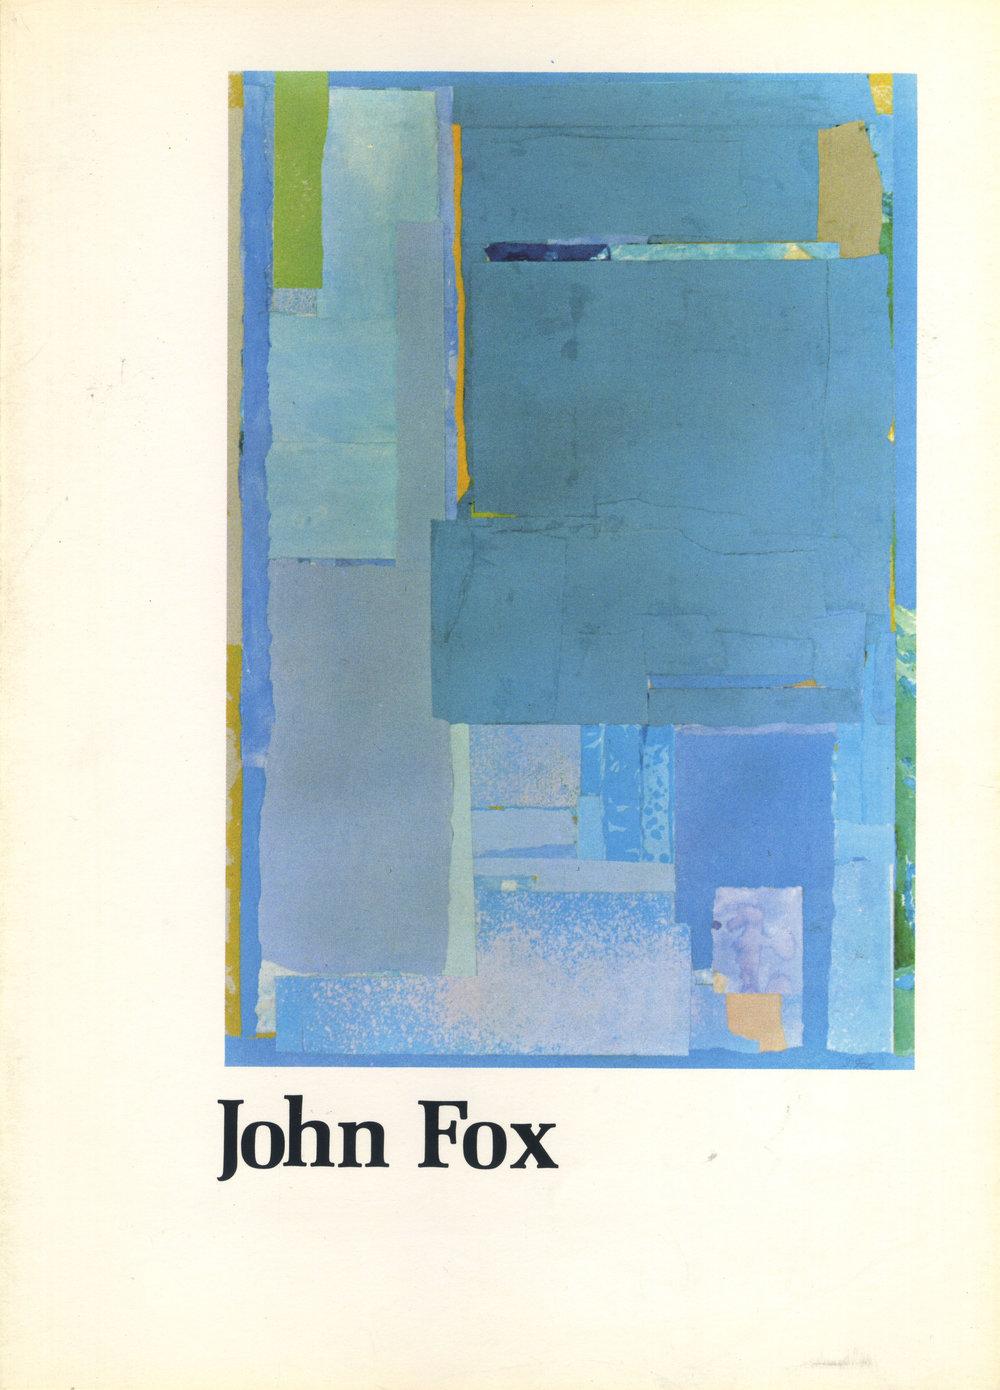 1975, Equinox Gallery, Vancouver